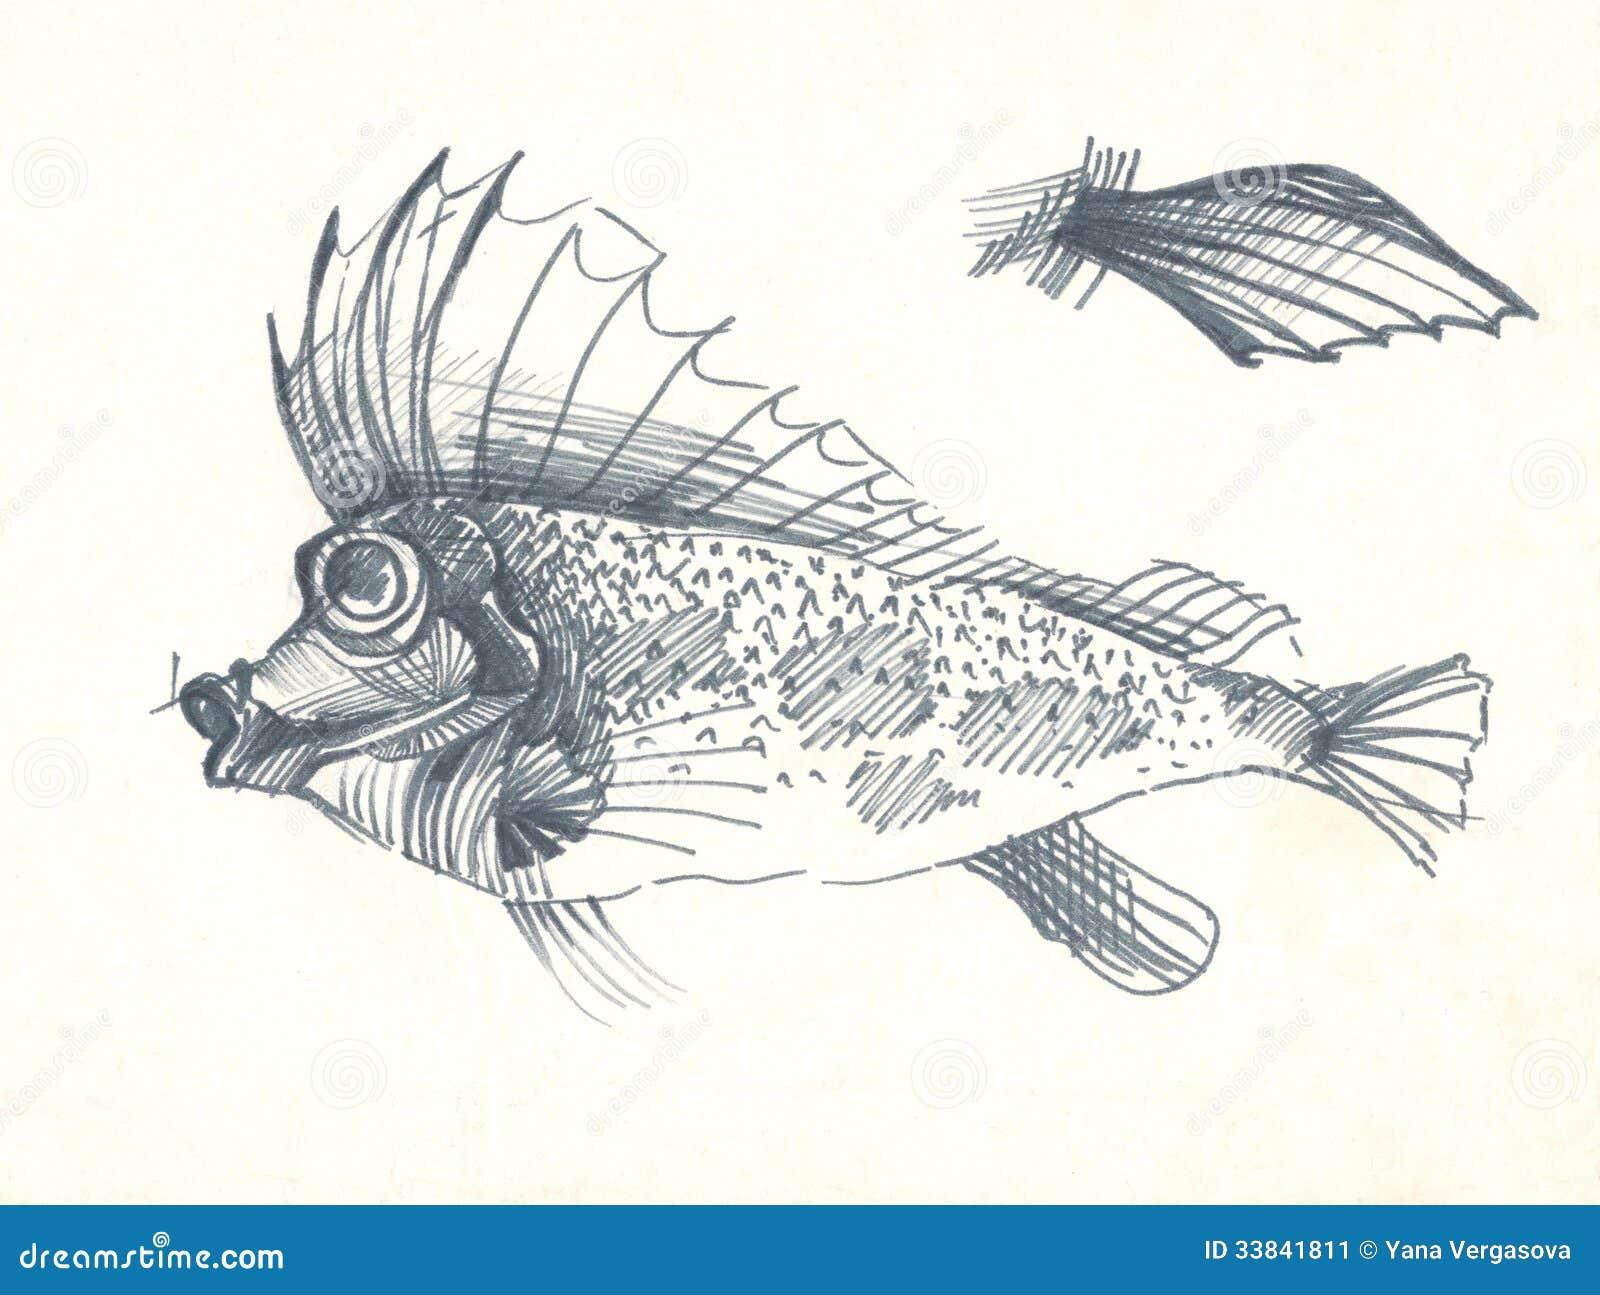 Croquis de dessin de stylo de poissons illustration stock - Croquis poisson ...